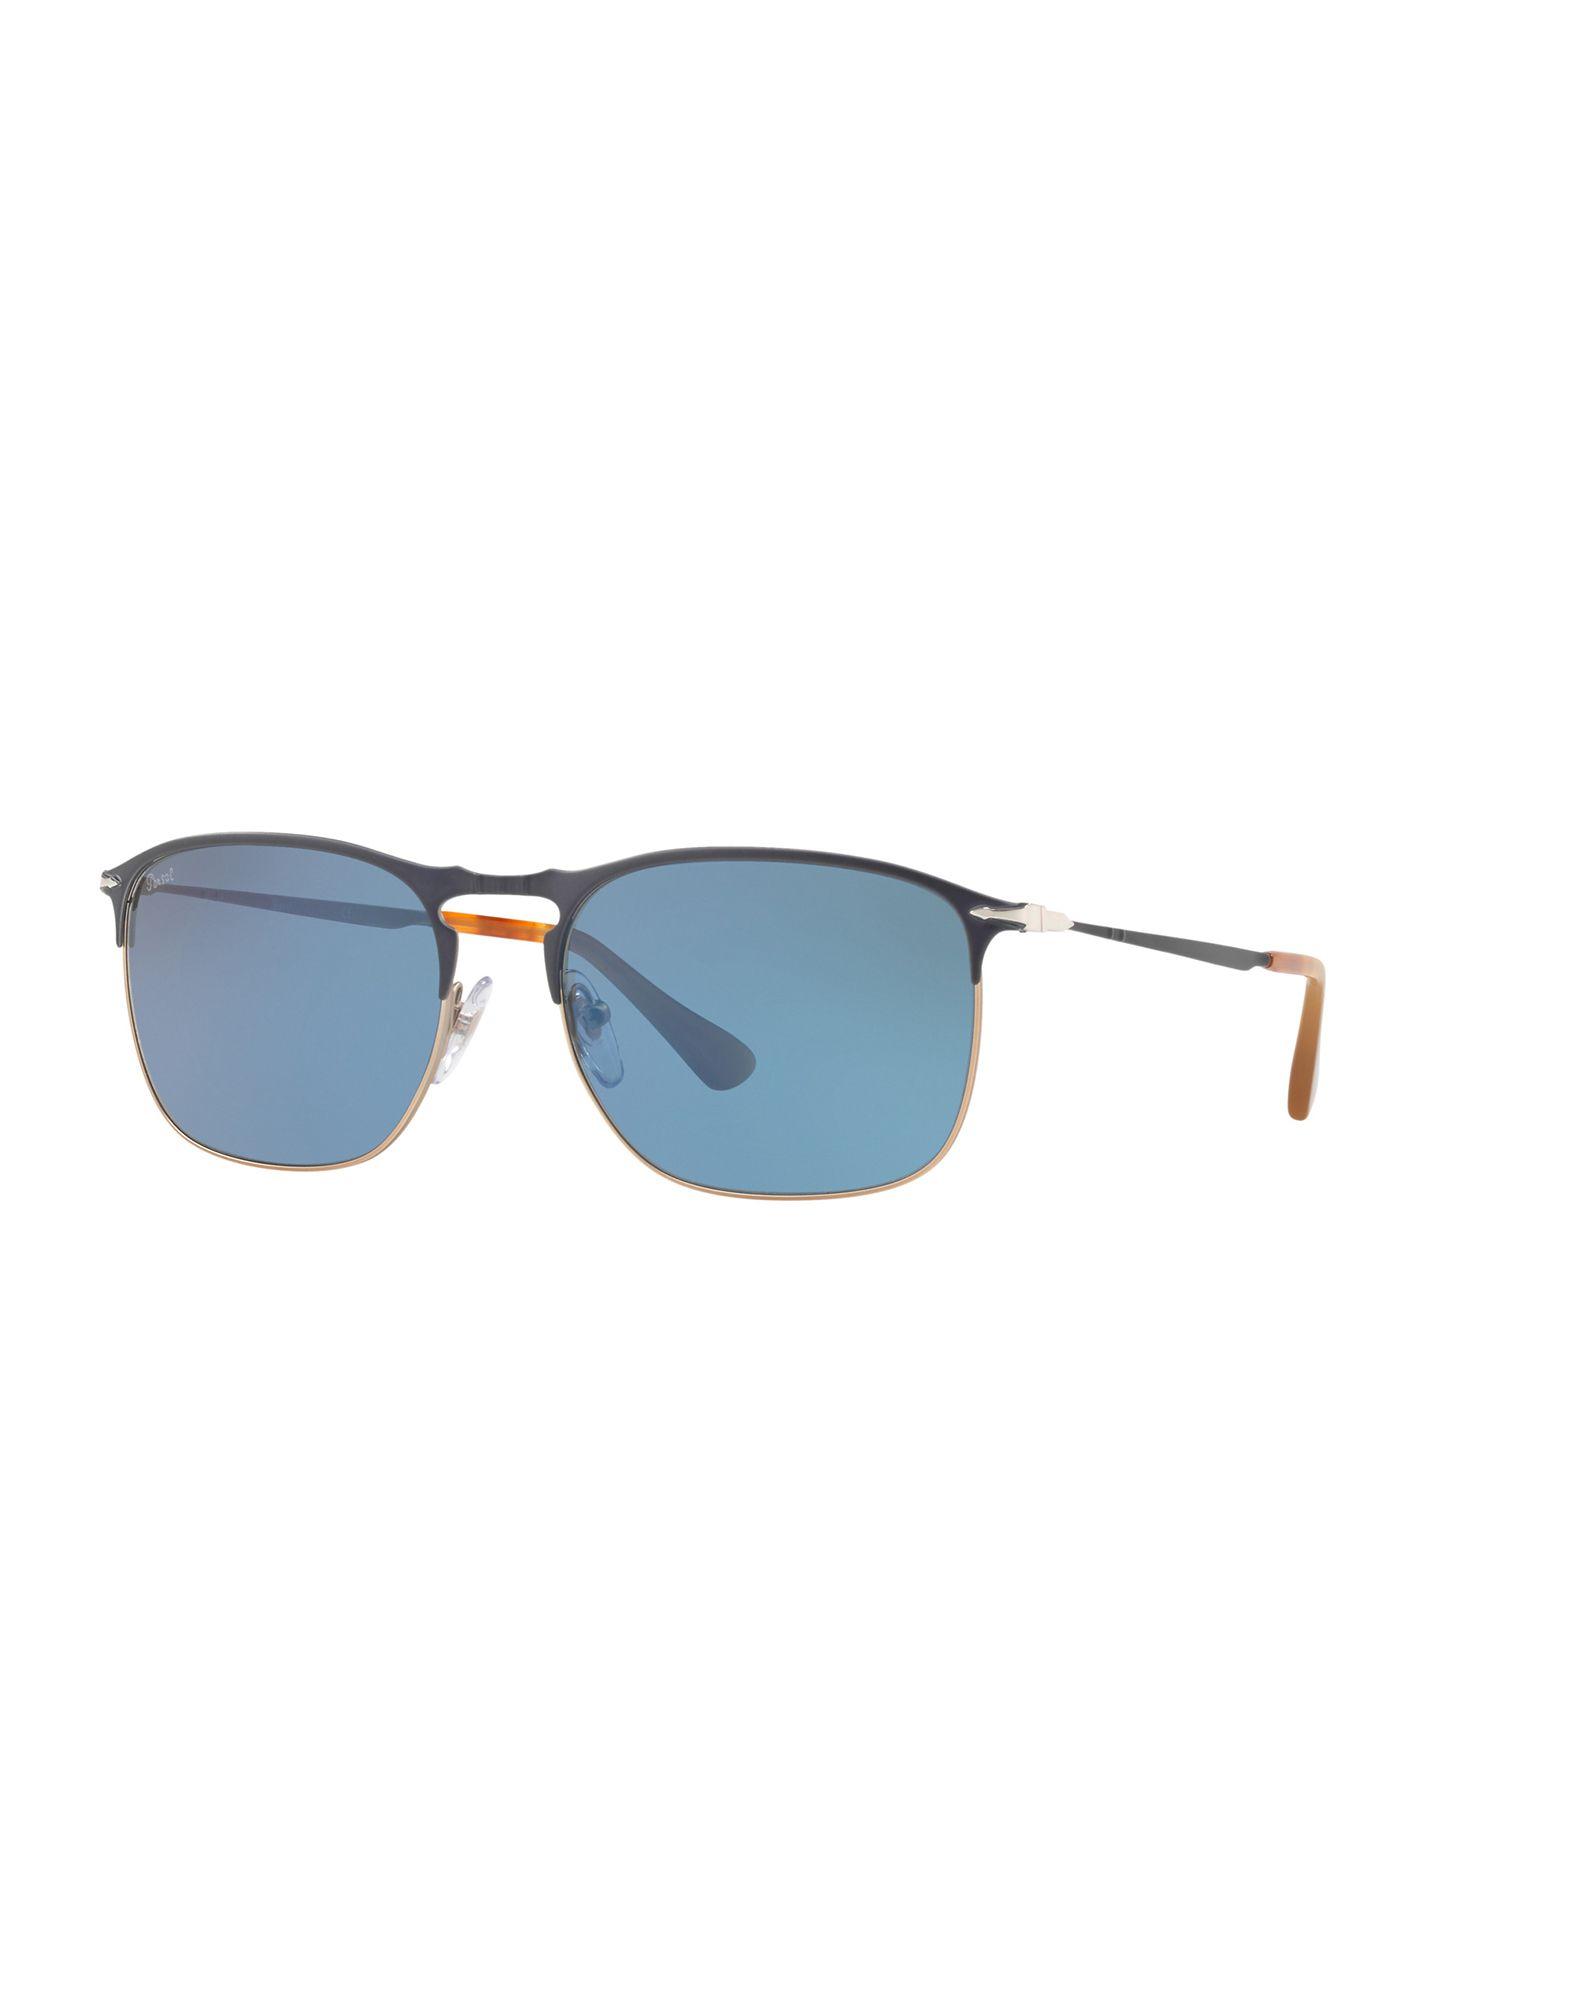 Occhiali Da Sole Persol Po7359s - Uomo - Acquista online su